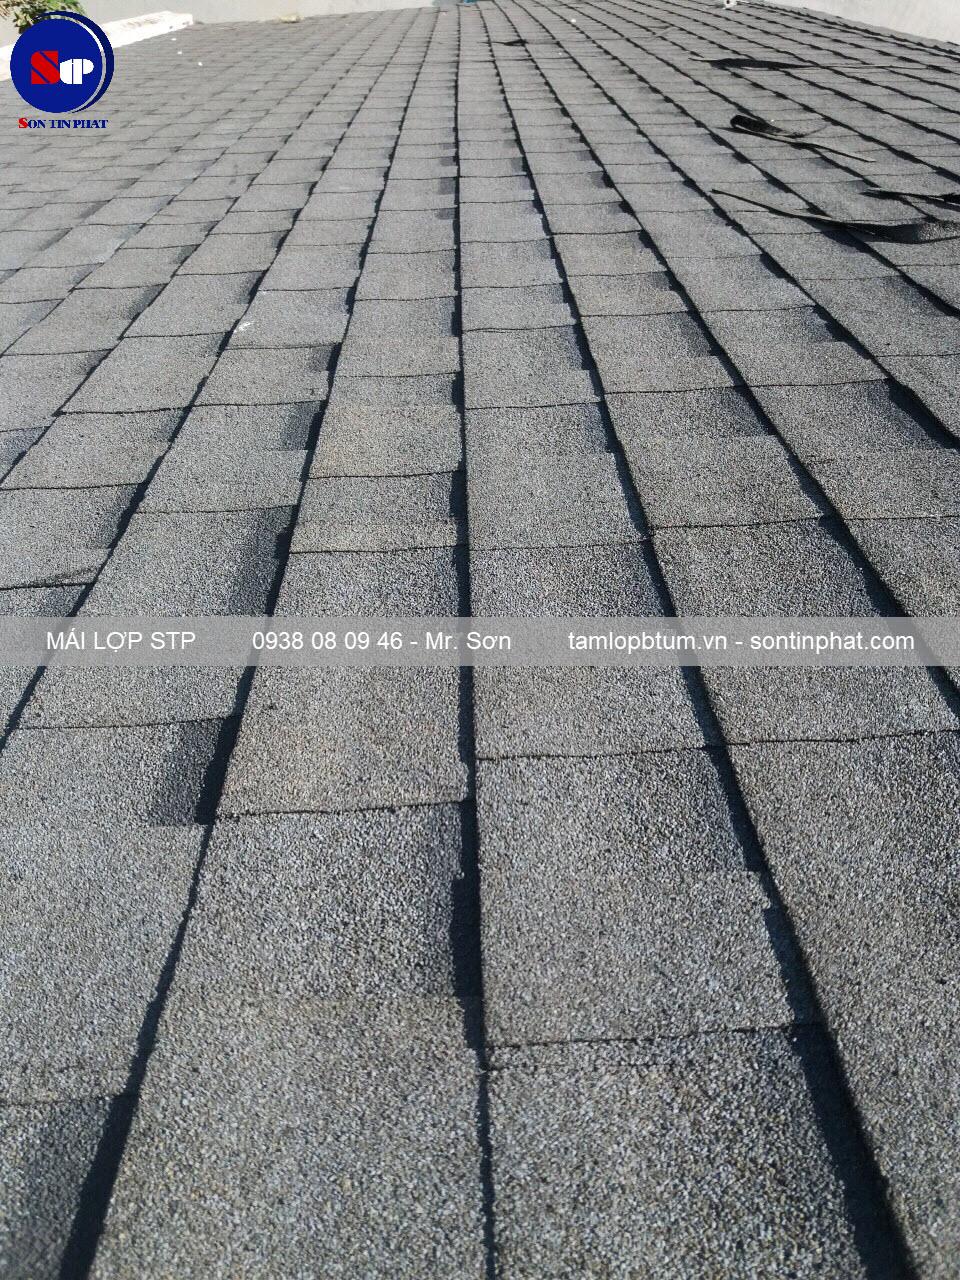 mái lợp STP cho nhà mái thái đẹp